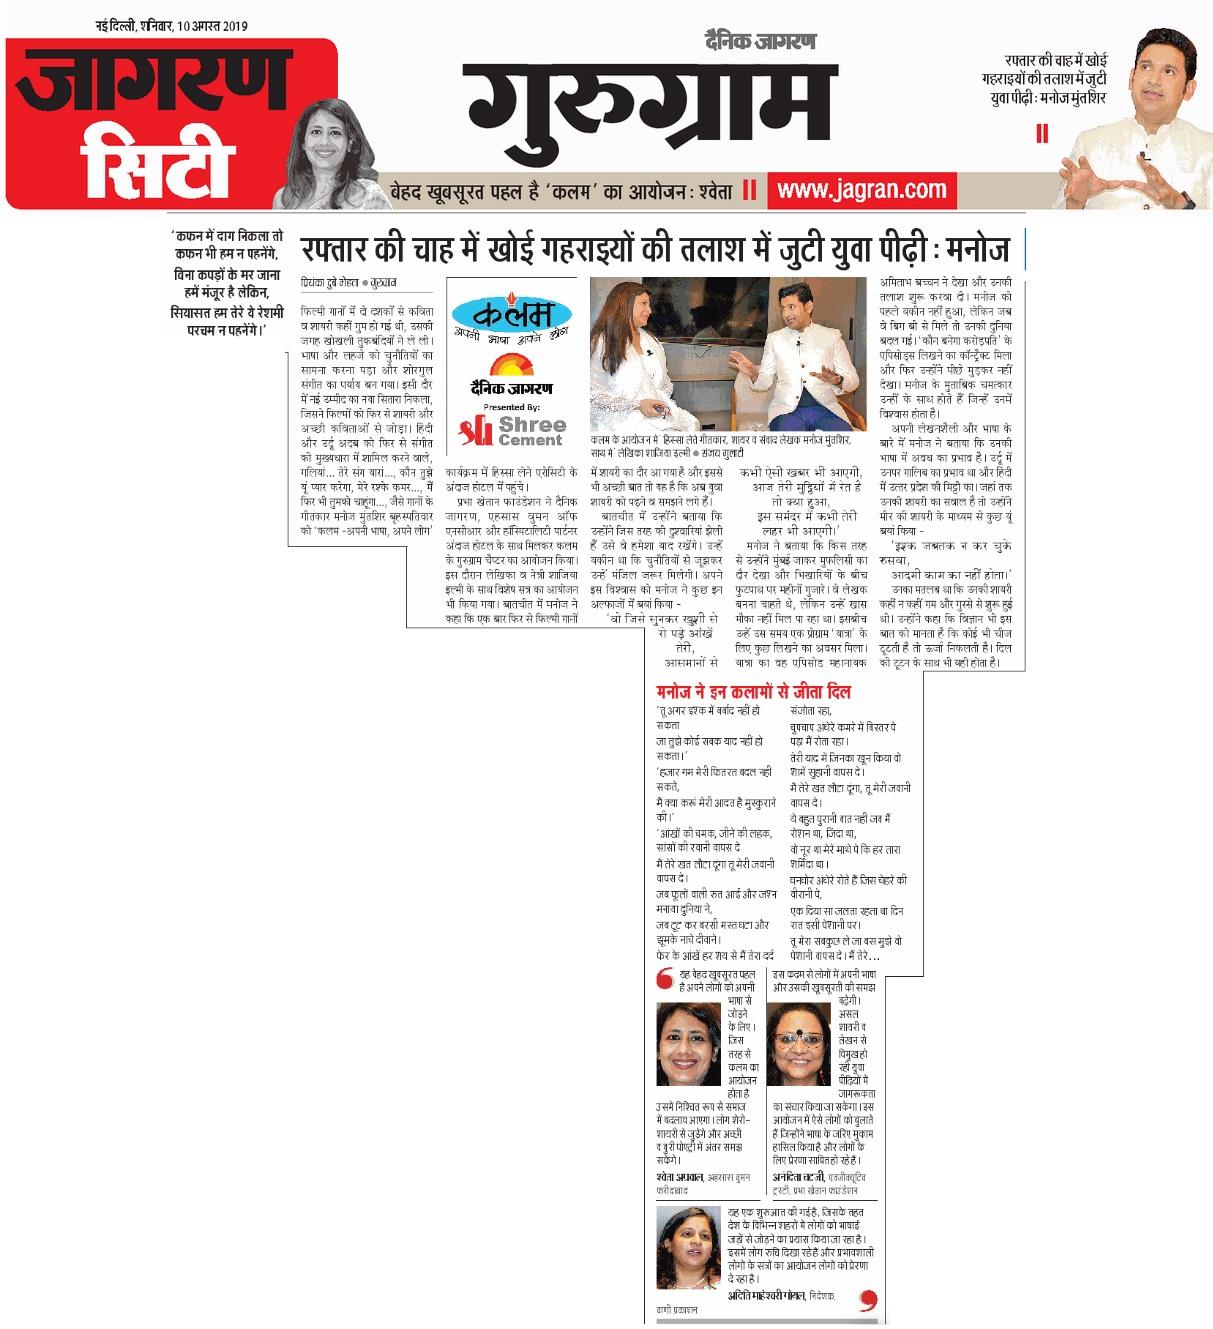 10 Aug 2019 Dainik Jagran Gurgaon Kalam Manor Muntashir